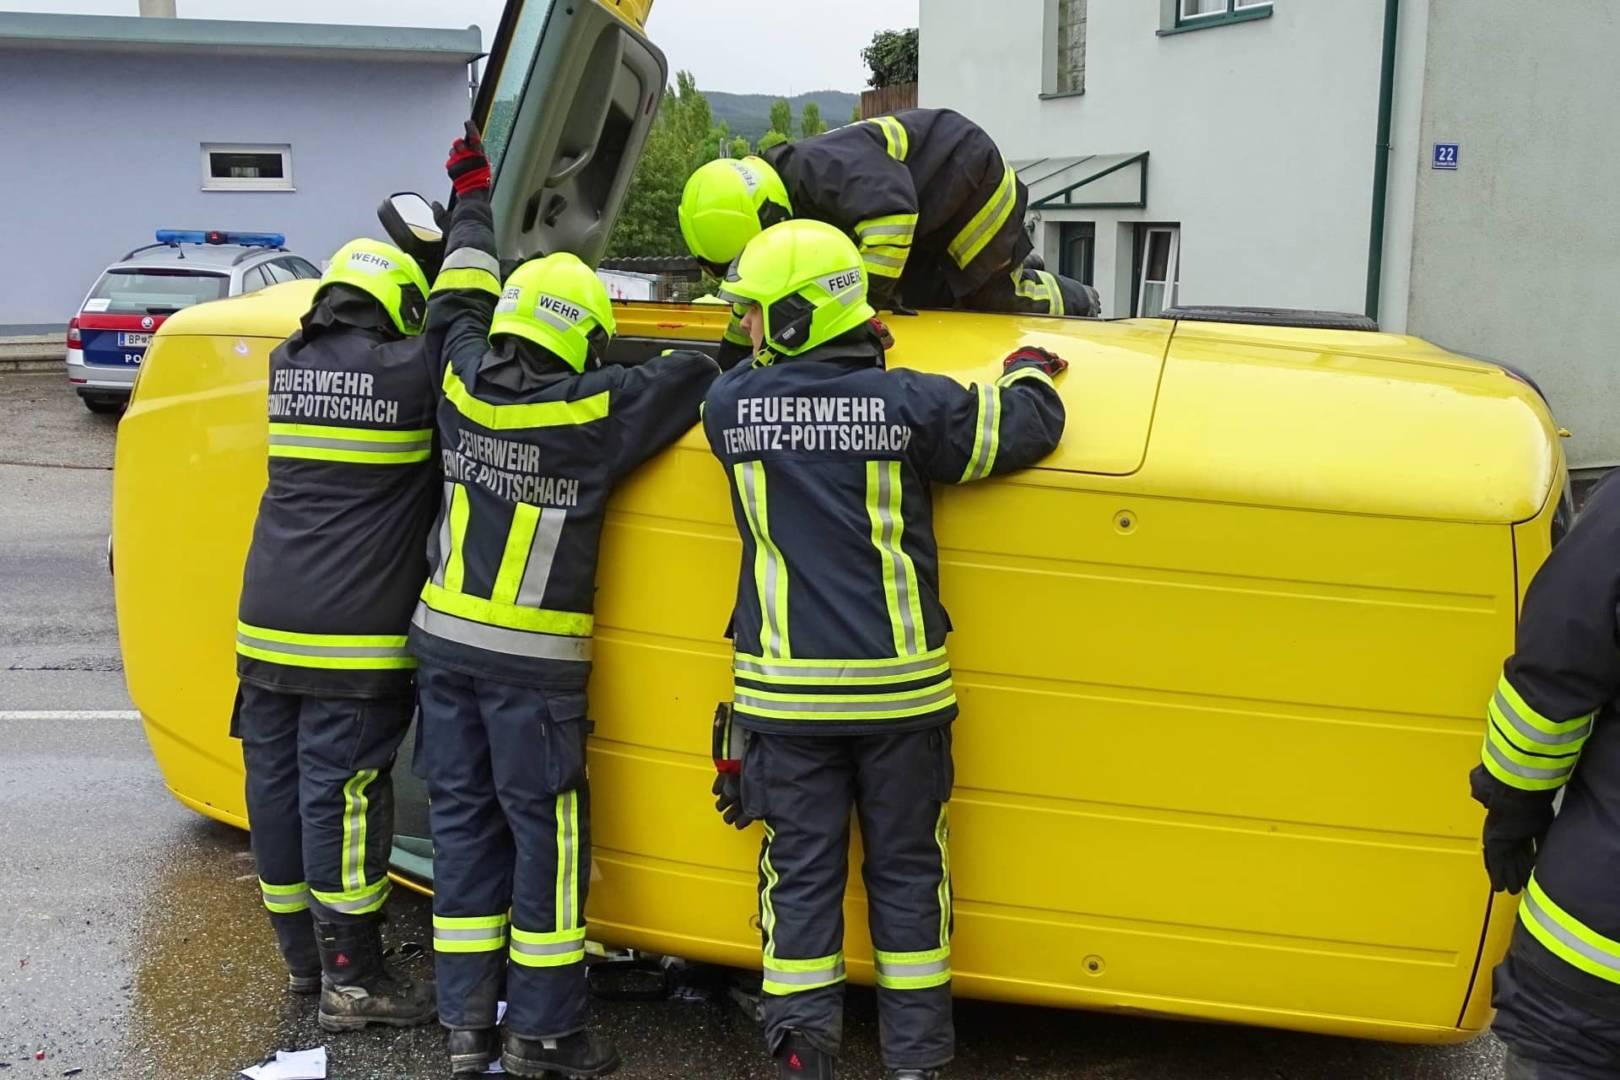 Ersthelfer halfen Mann aus Fahrzeug